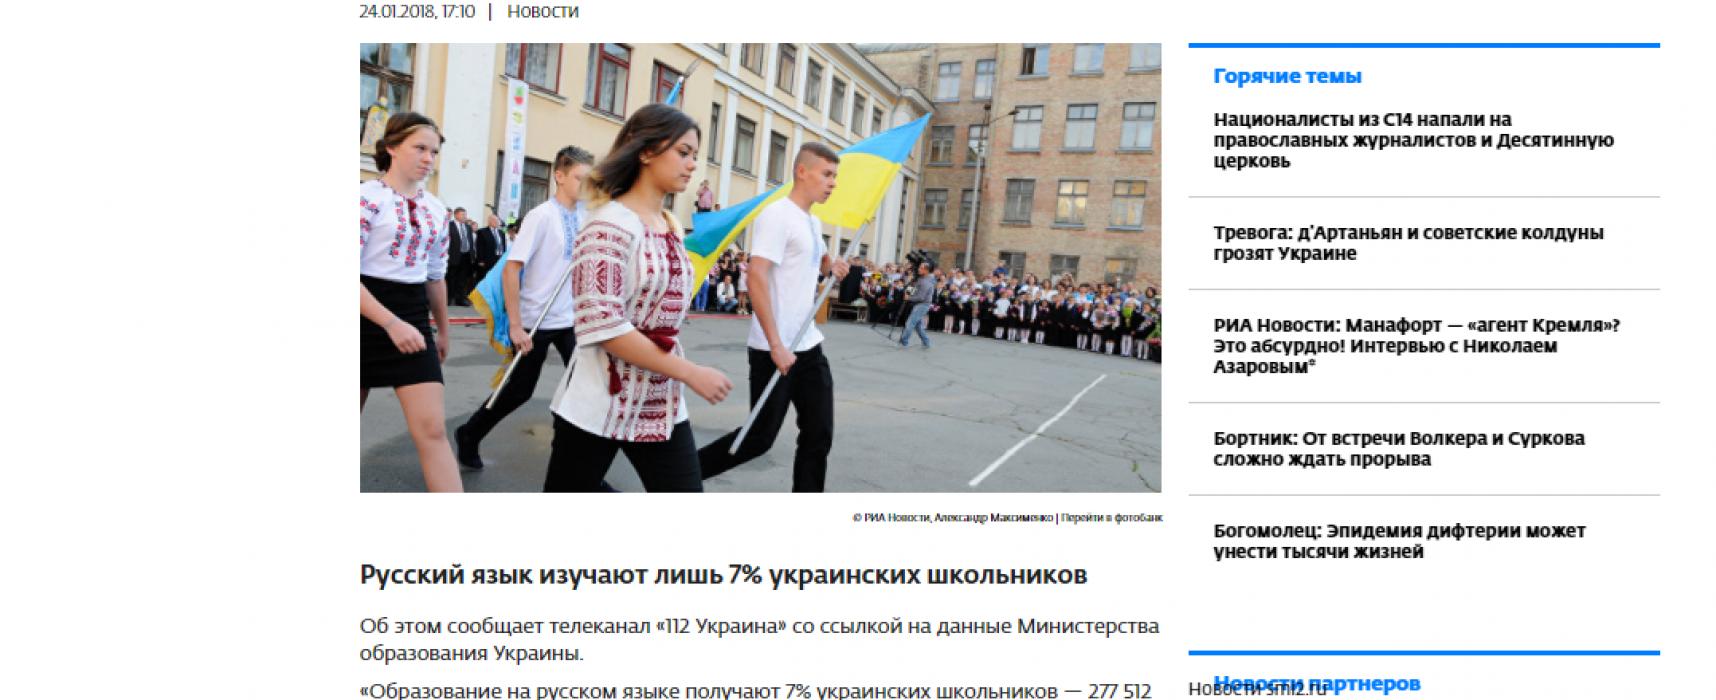 Фейк: в Киеве не осталось ни одной русскоязычной школы